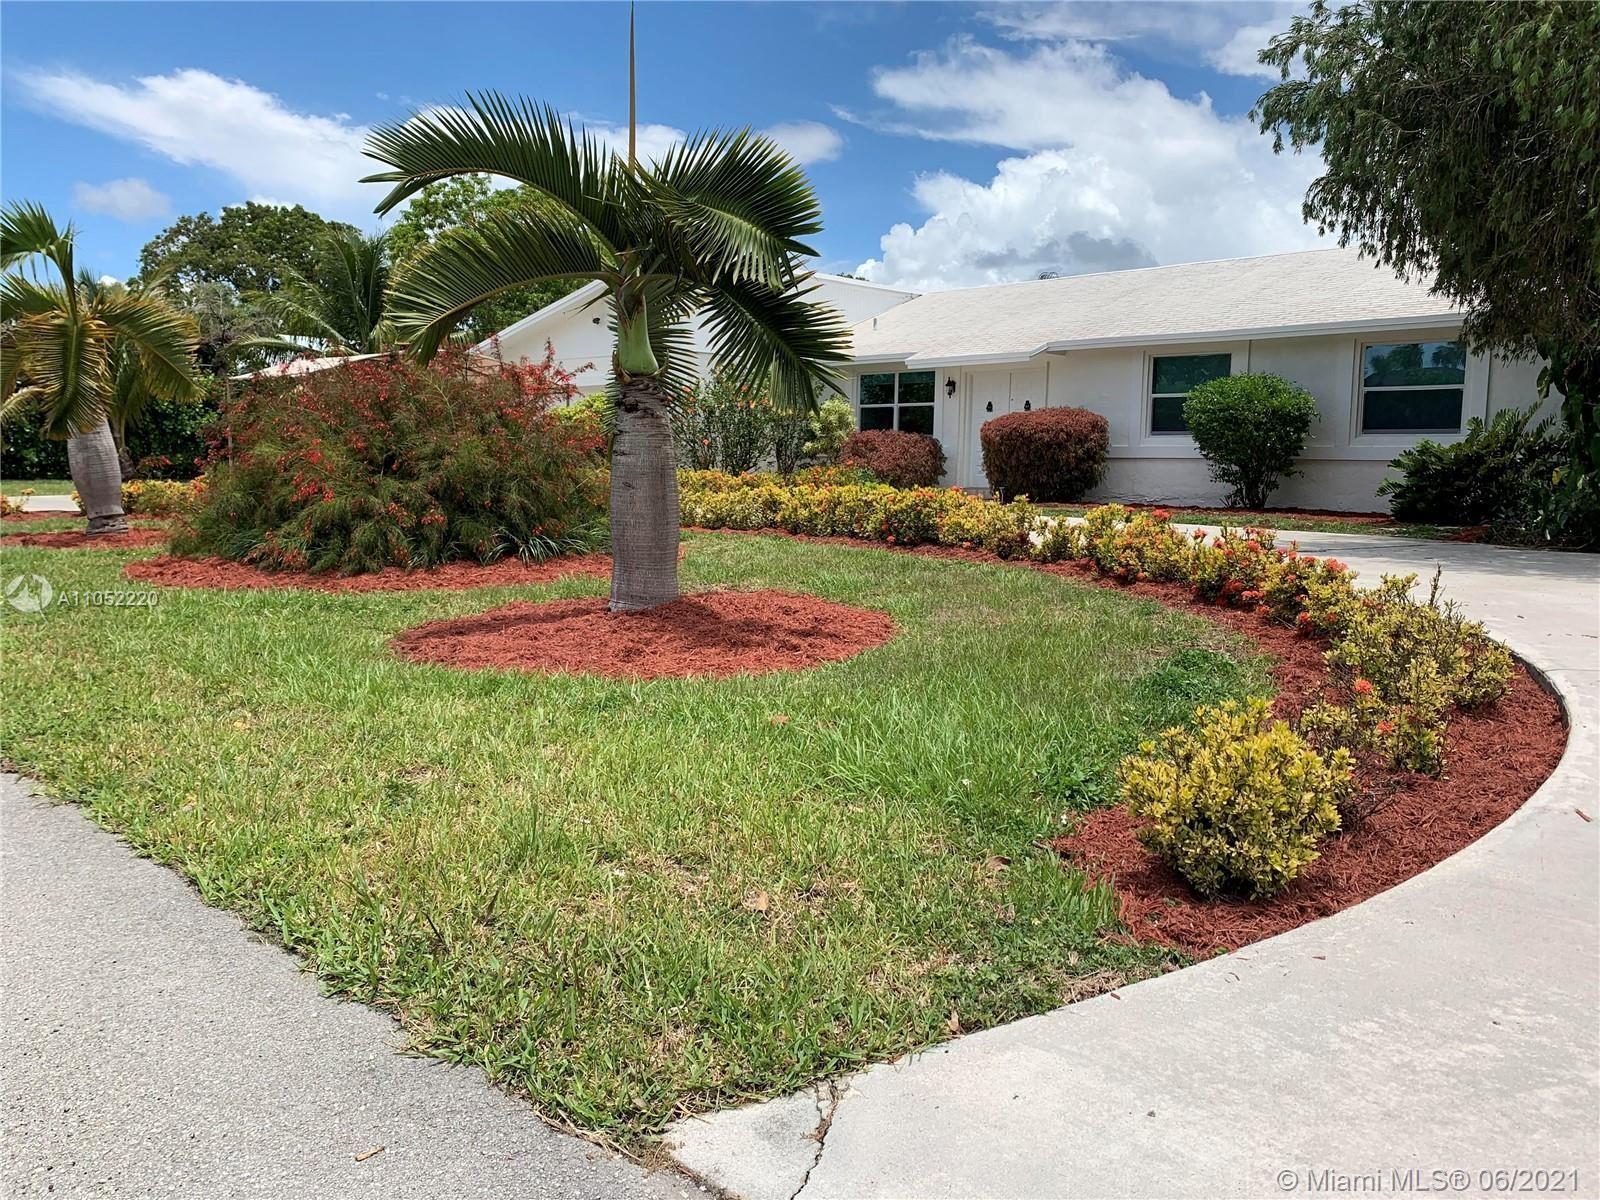 12955 SW 191st St, Miami, FL 33177 - #: A11052220